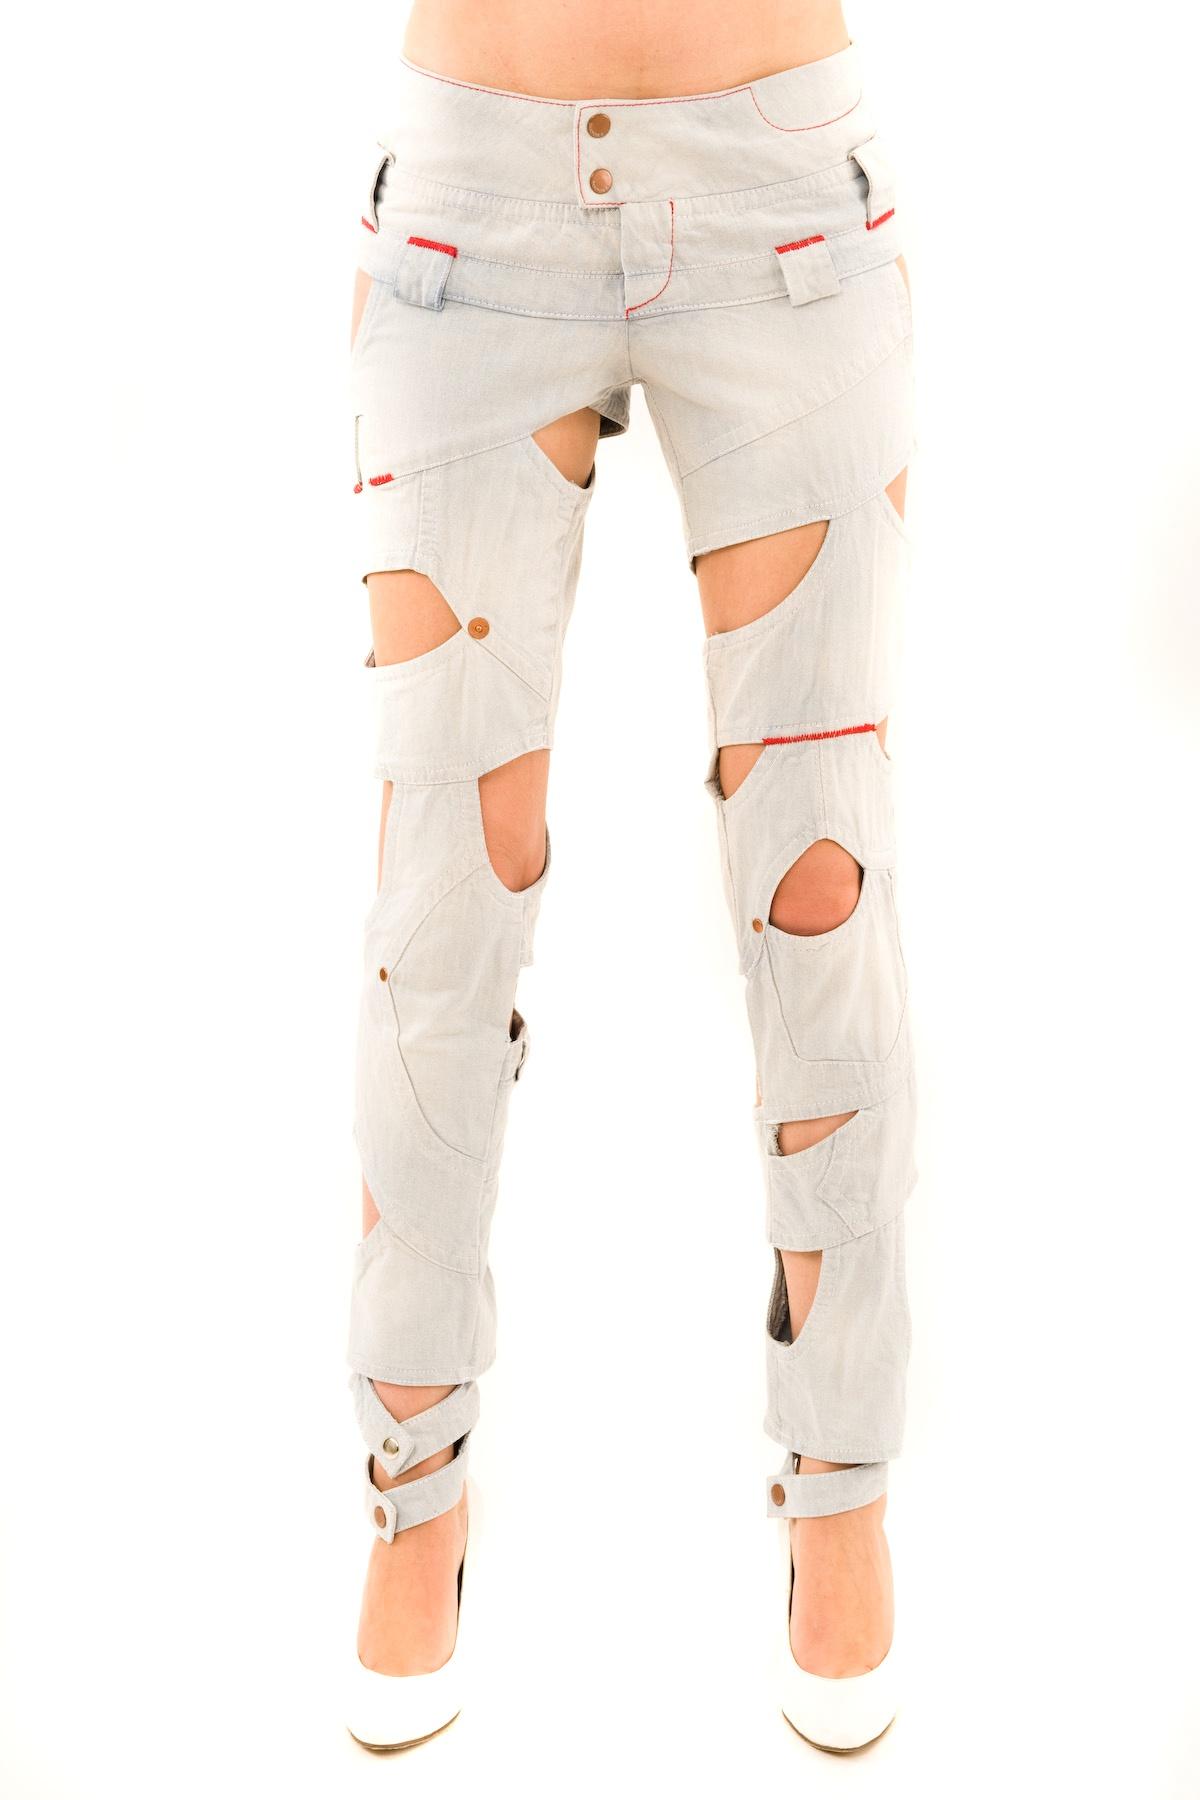 ДжинсыЖенские юбки и брюки<br>Создать ультрамодный, сногсшибательный образ просто, если иметь в своем гардеробе такие модные джинсы. Стоит лишь только взглянуть на дизайн изделия, как Вы почувствуете всю динамику движения и креативность вкуса. Джинсы насыщенной расцветки, с застежкой<br><br>Цвет: голубой<br>Состав: 100% хлопок<br>Размер: 38,40,42<br>Страна дизайна: Россия<br>Страна производства: Россия